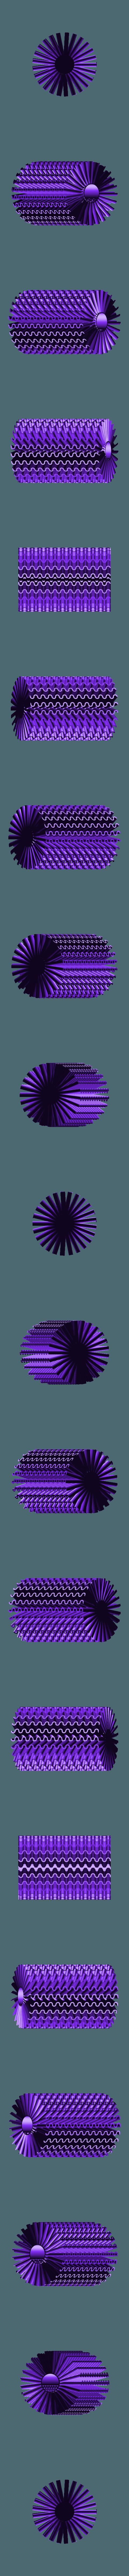 """soliflor ondulation.stl Download STL file Corals"""" series 3dgregor • 3D printable object, 3dgregor"""